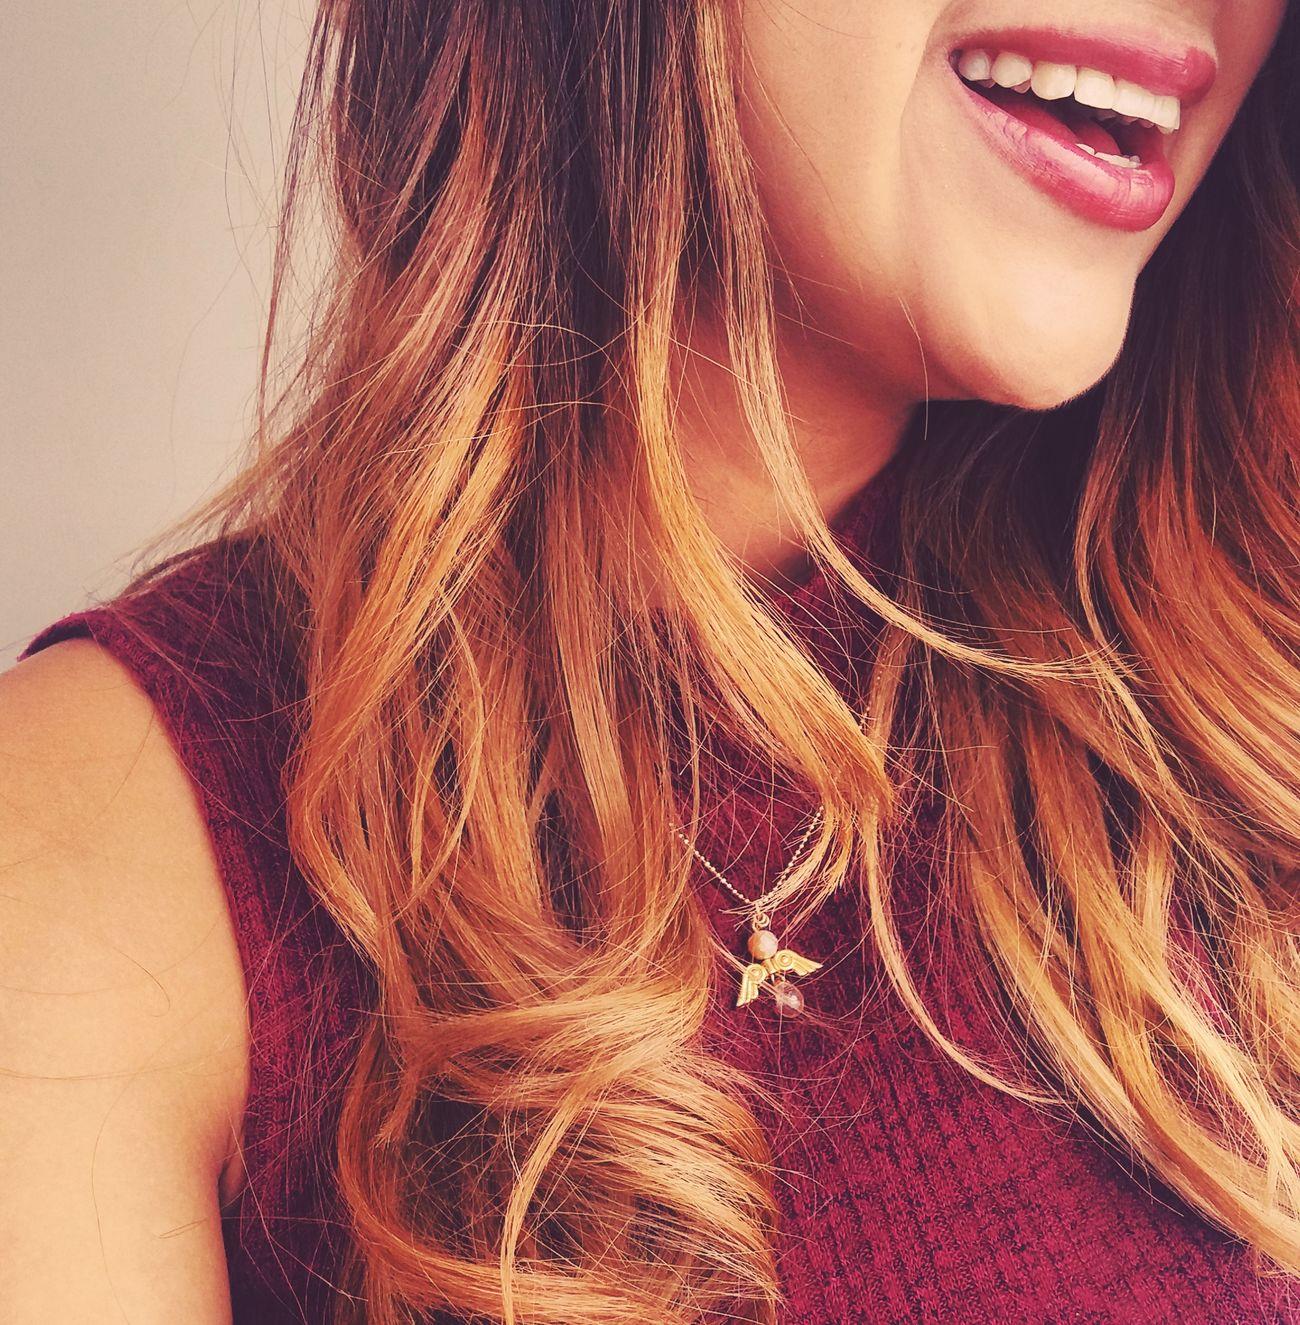 Ella Women Sonrisa Smile Joy Summer People Hair Balayage Hairstyle